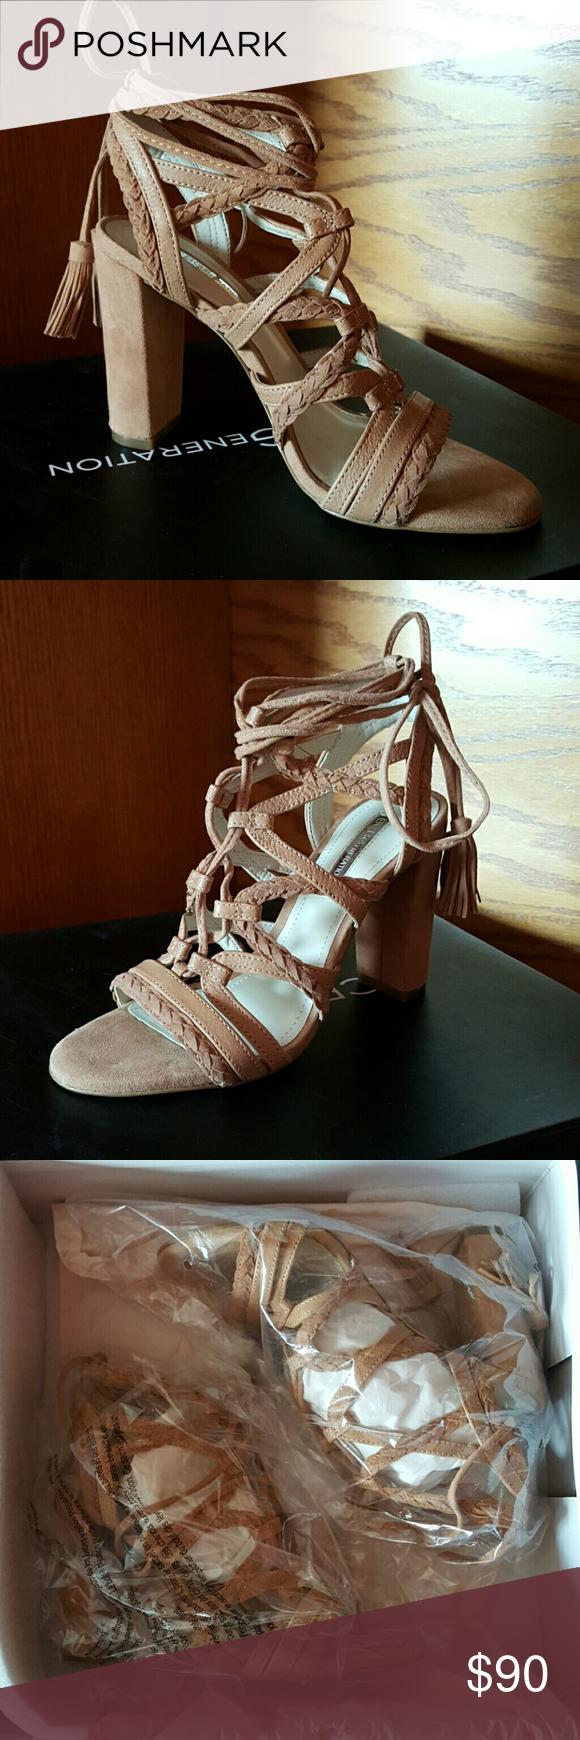 8d780c397f61 BCBG Ronny High Heel Strappy Sandal Crisscross design